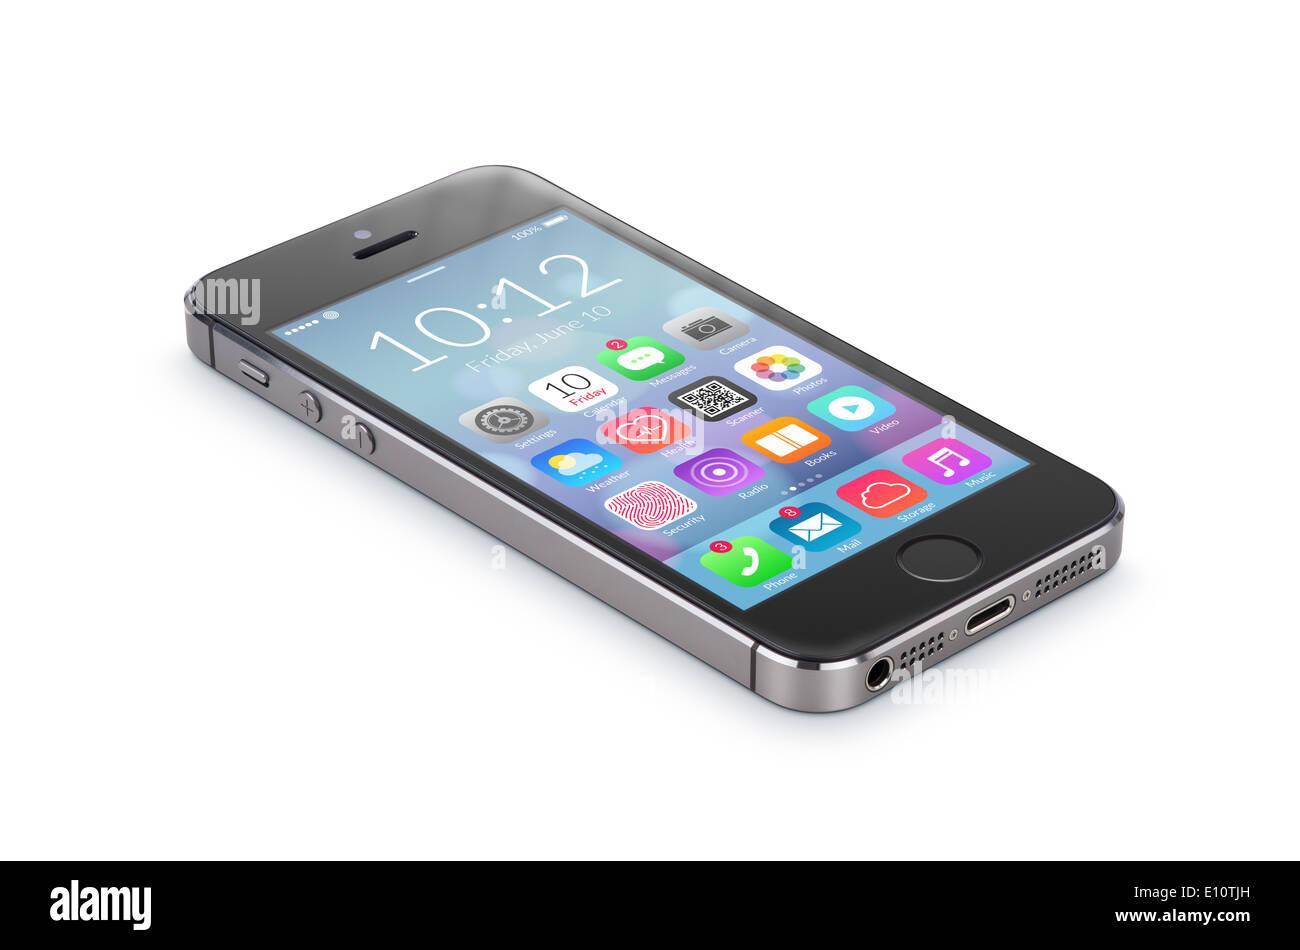 Schwarze moderne Smartphone mit flachen Bauweise Applikations-Icons auf dem Bildschirm liegt auf der Oberfläche isoliert auf weißem Hintergrund. Stockbild